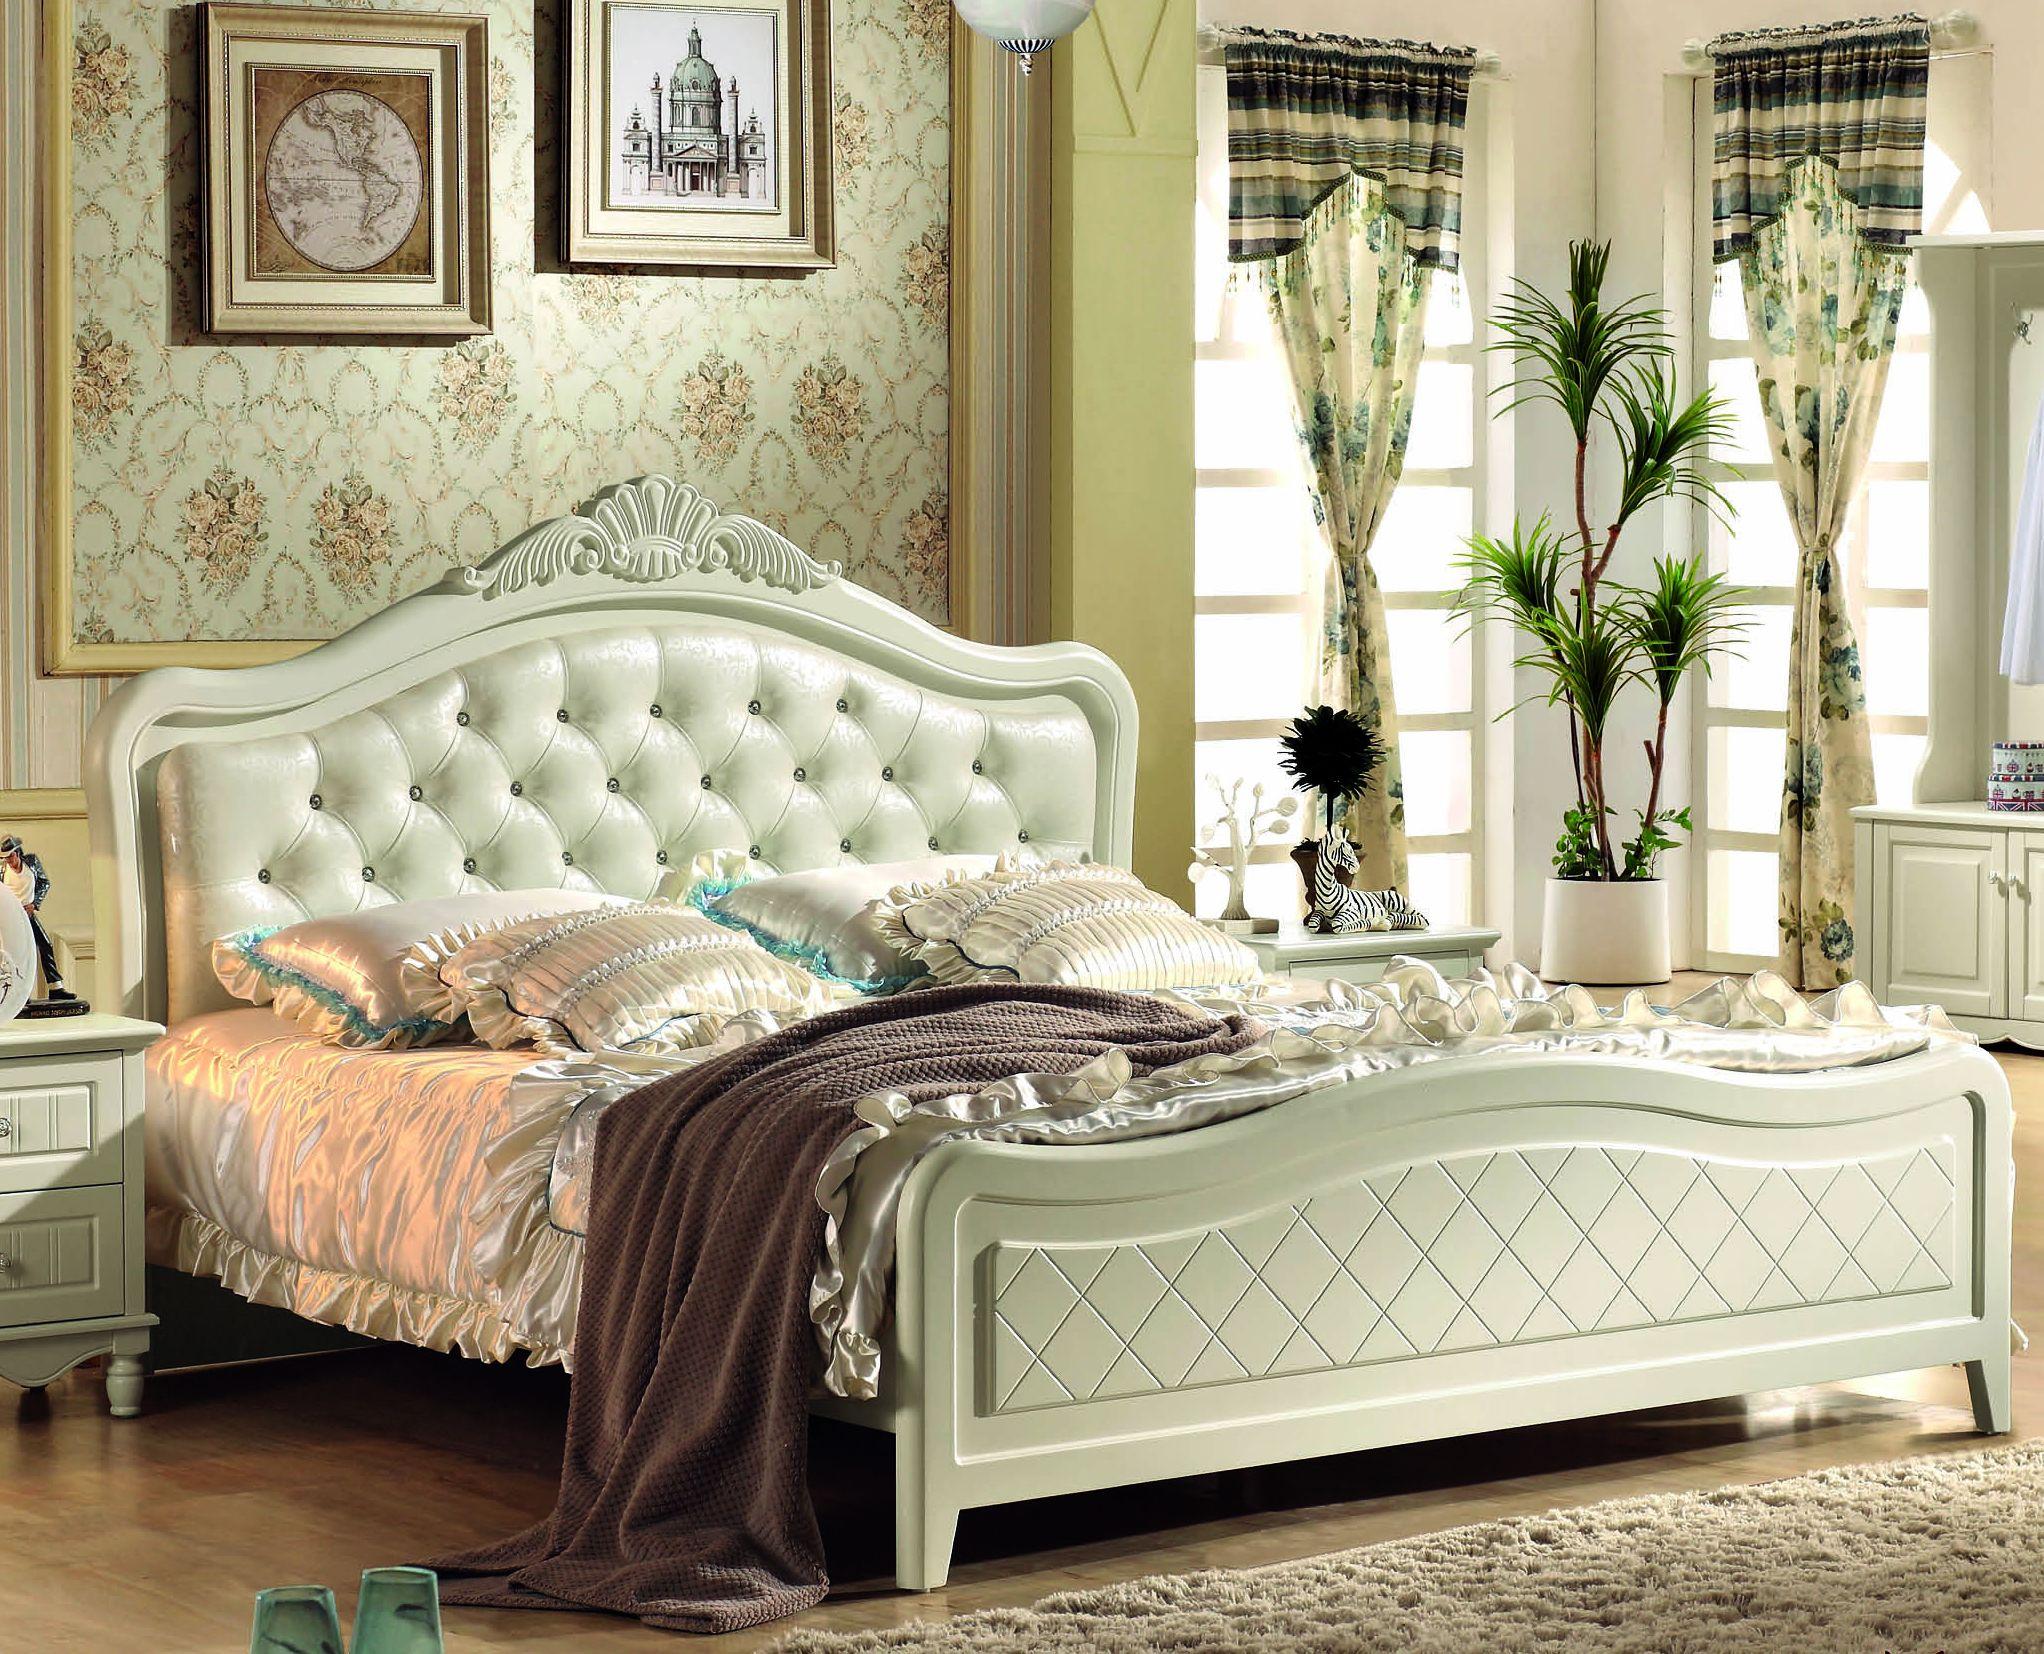 Как выбрать кровать для спальни по размеру, по типу, по конструкции